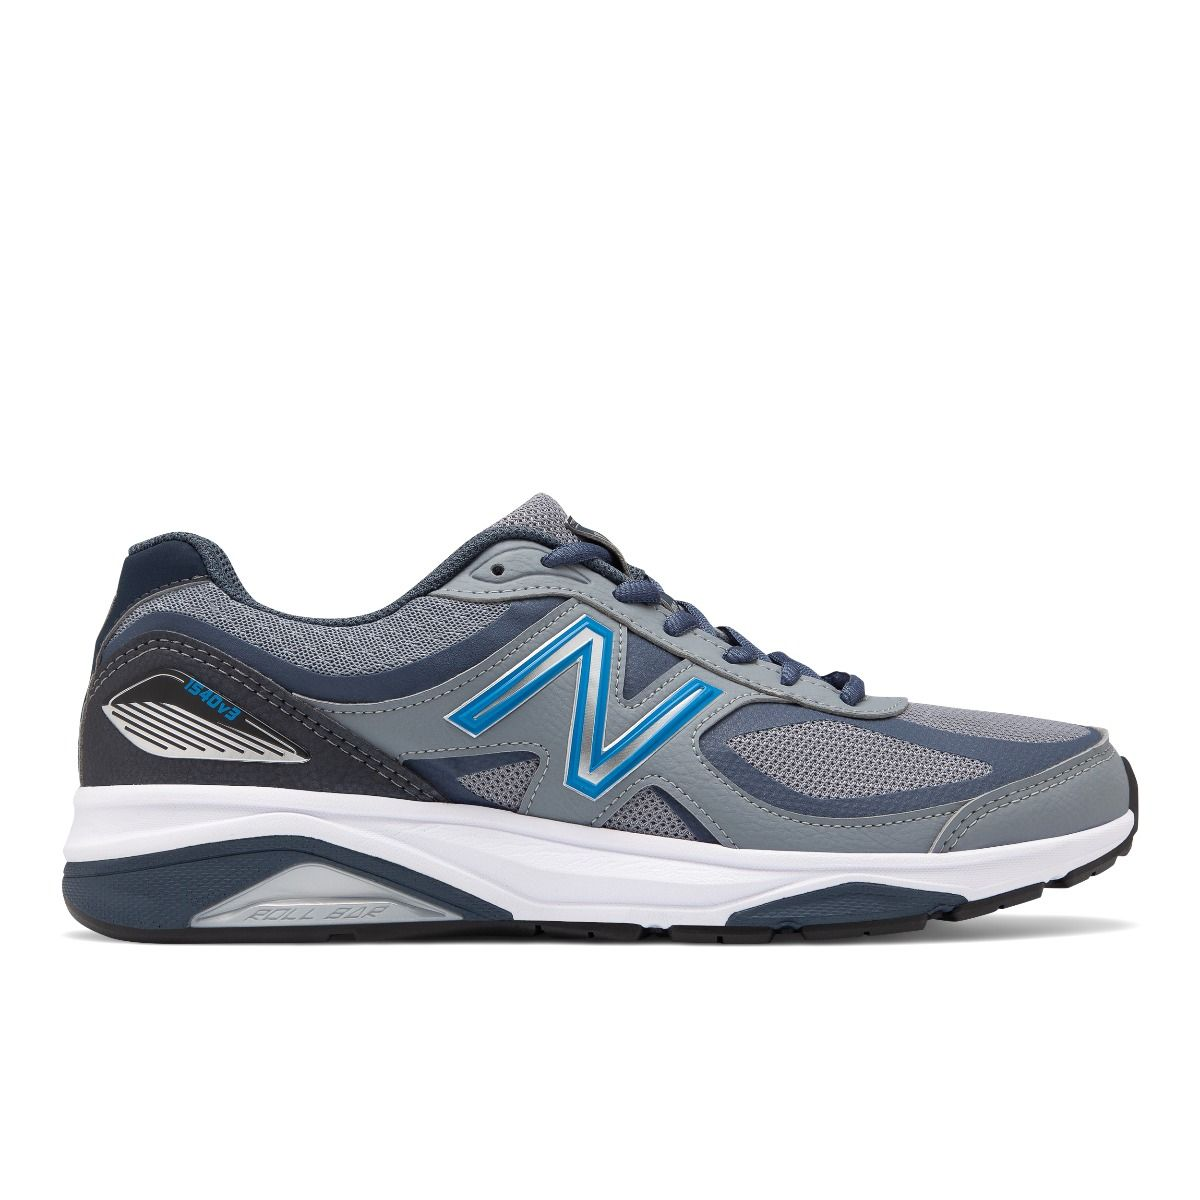 new balance running shoes wide width xxl